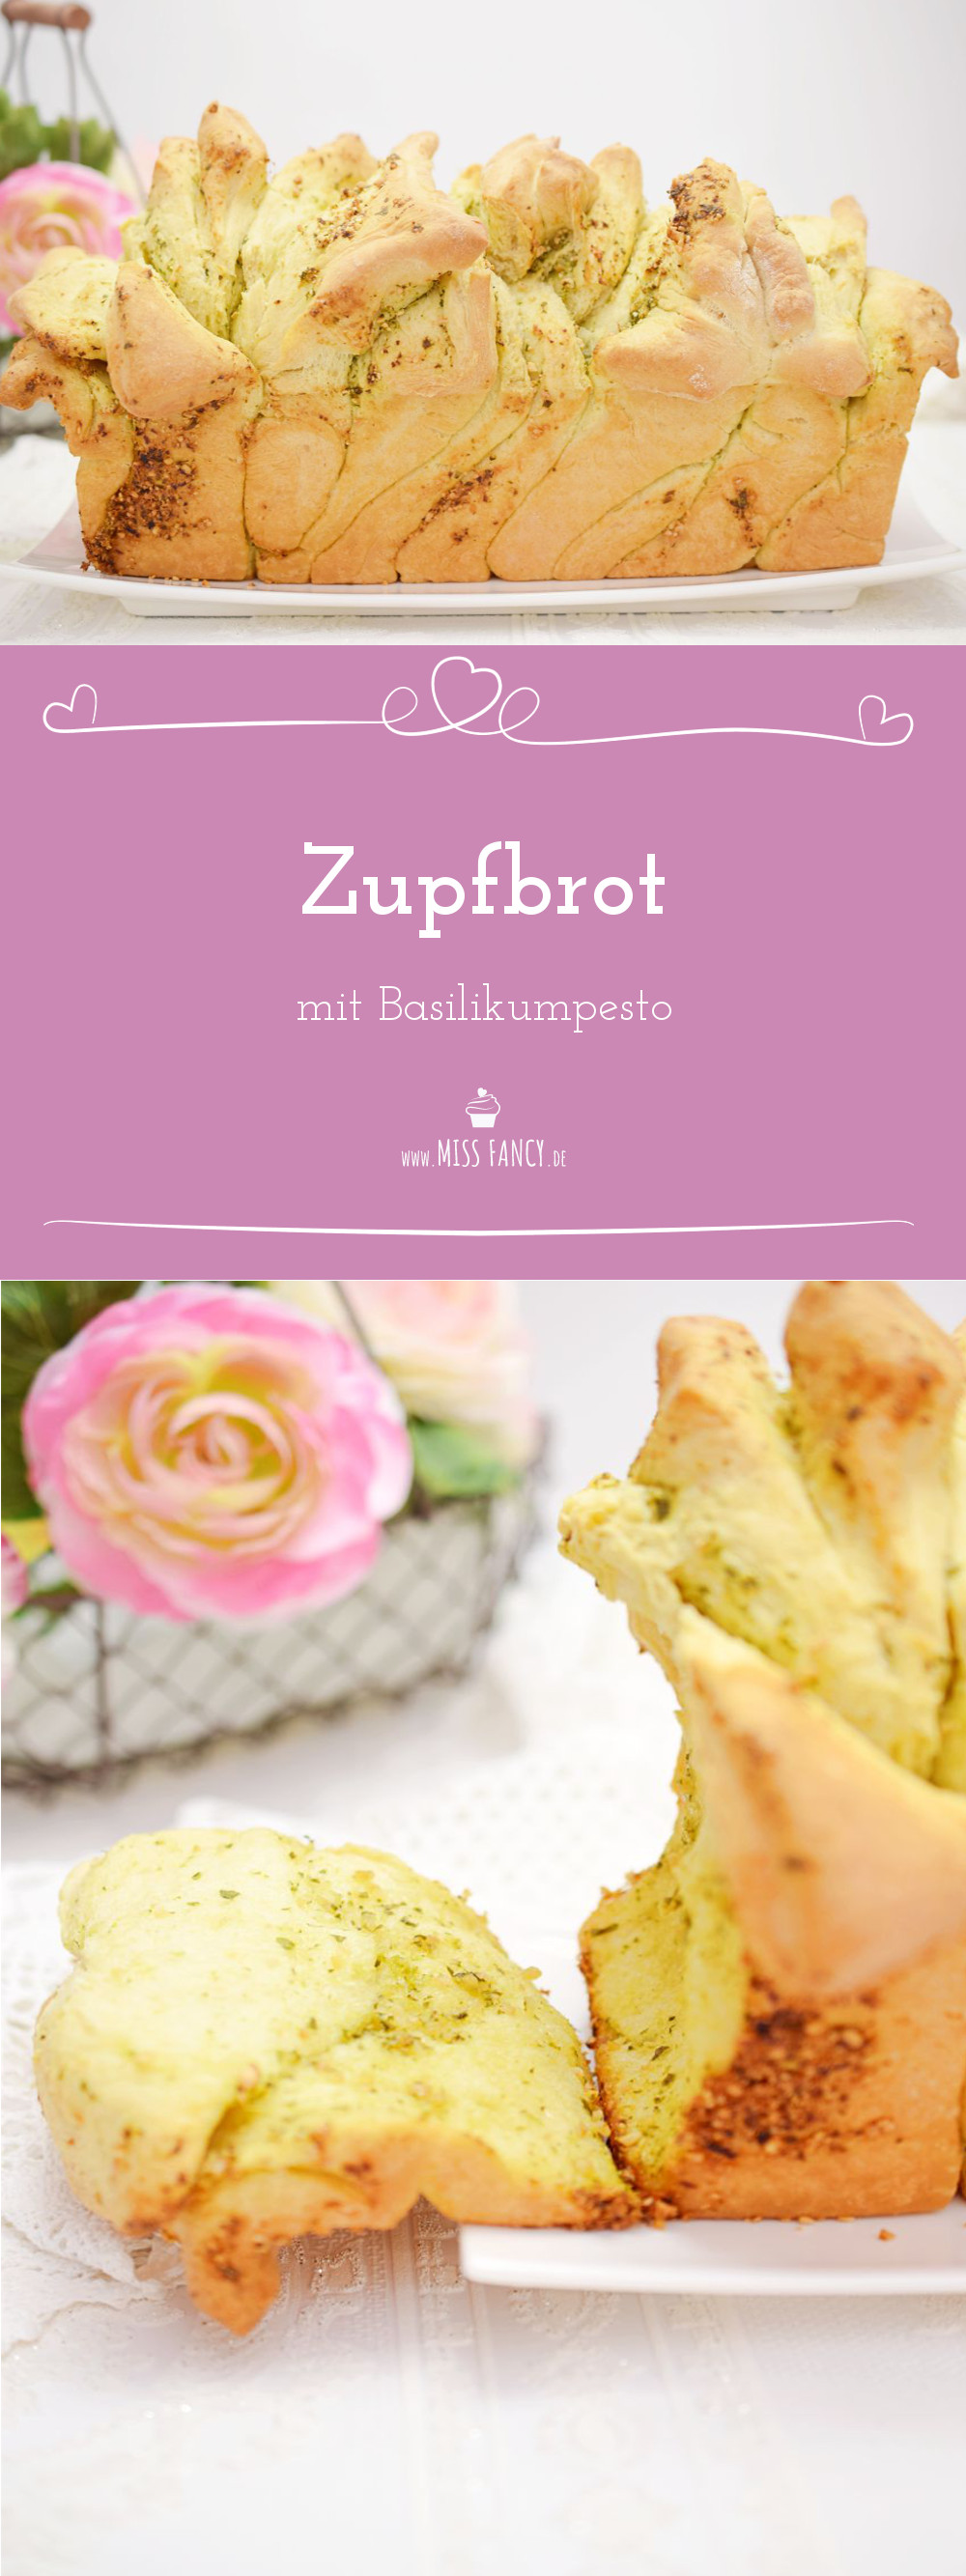 Pull-Apart-Bread-Basilikum